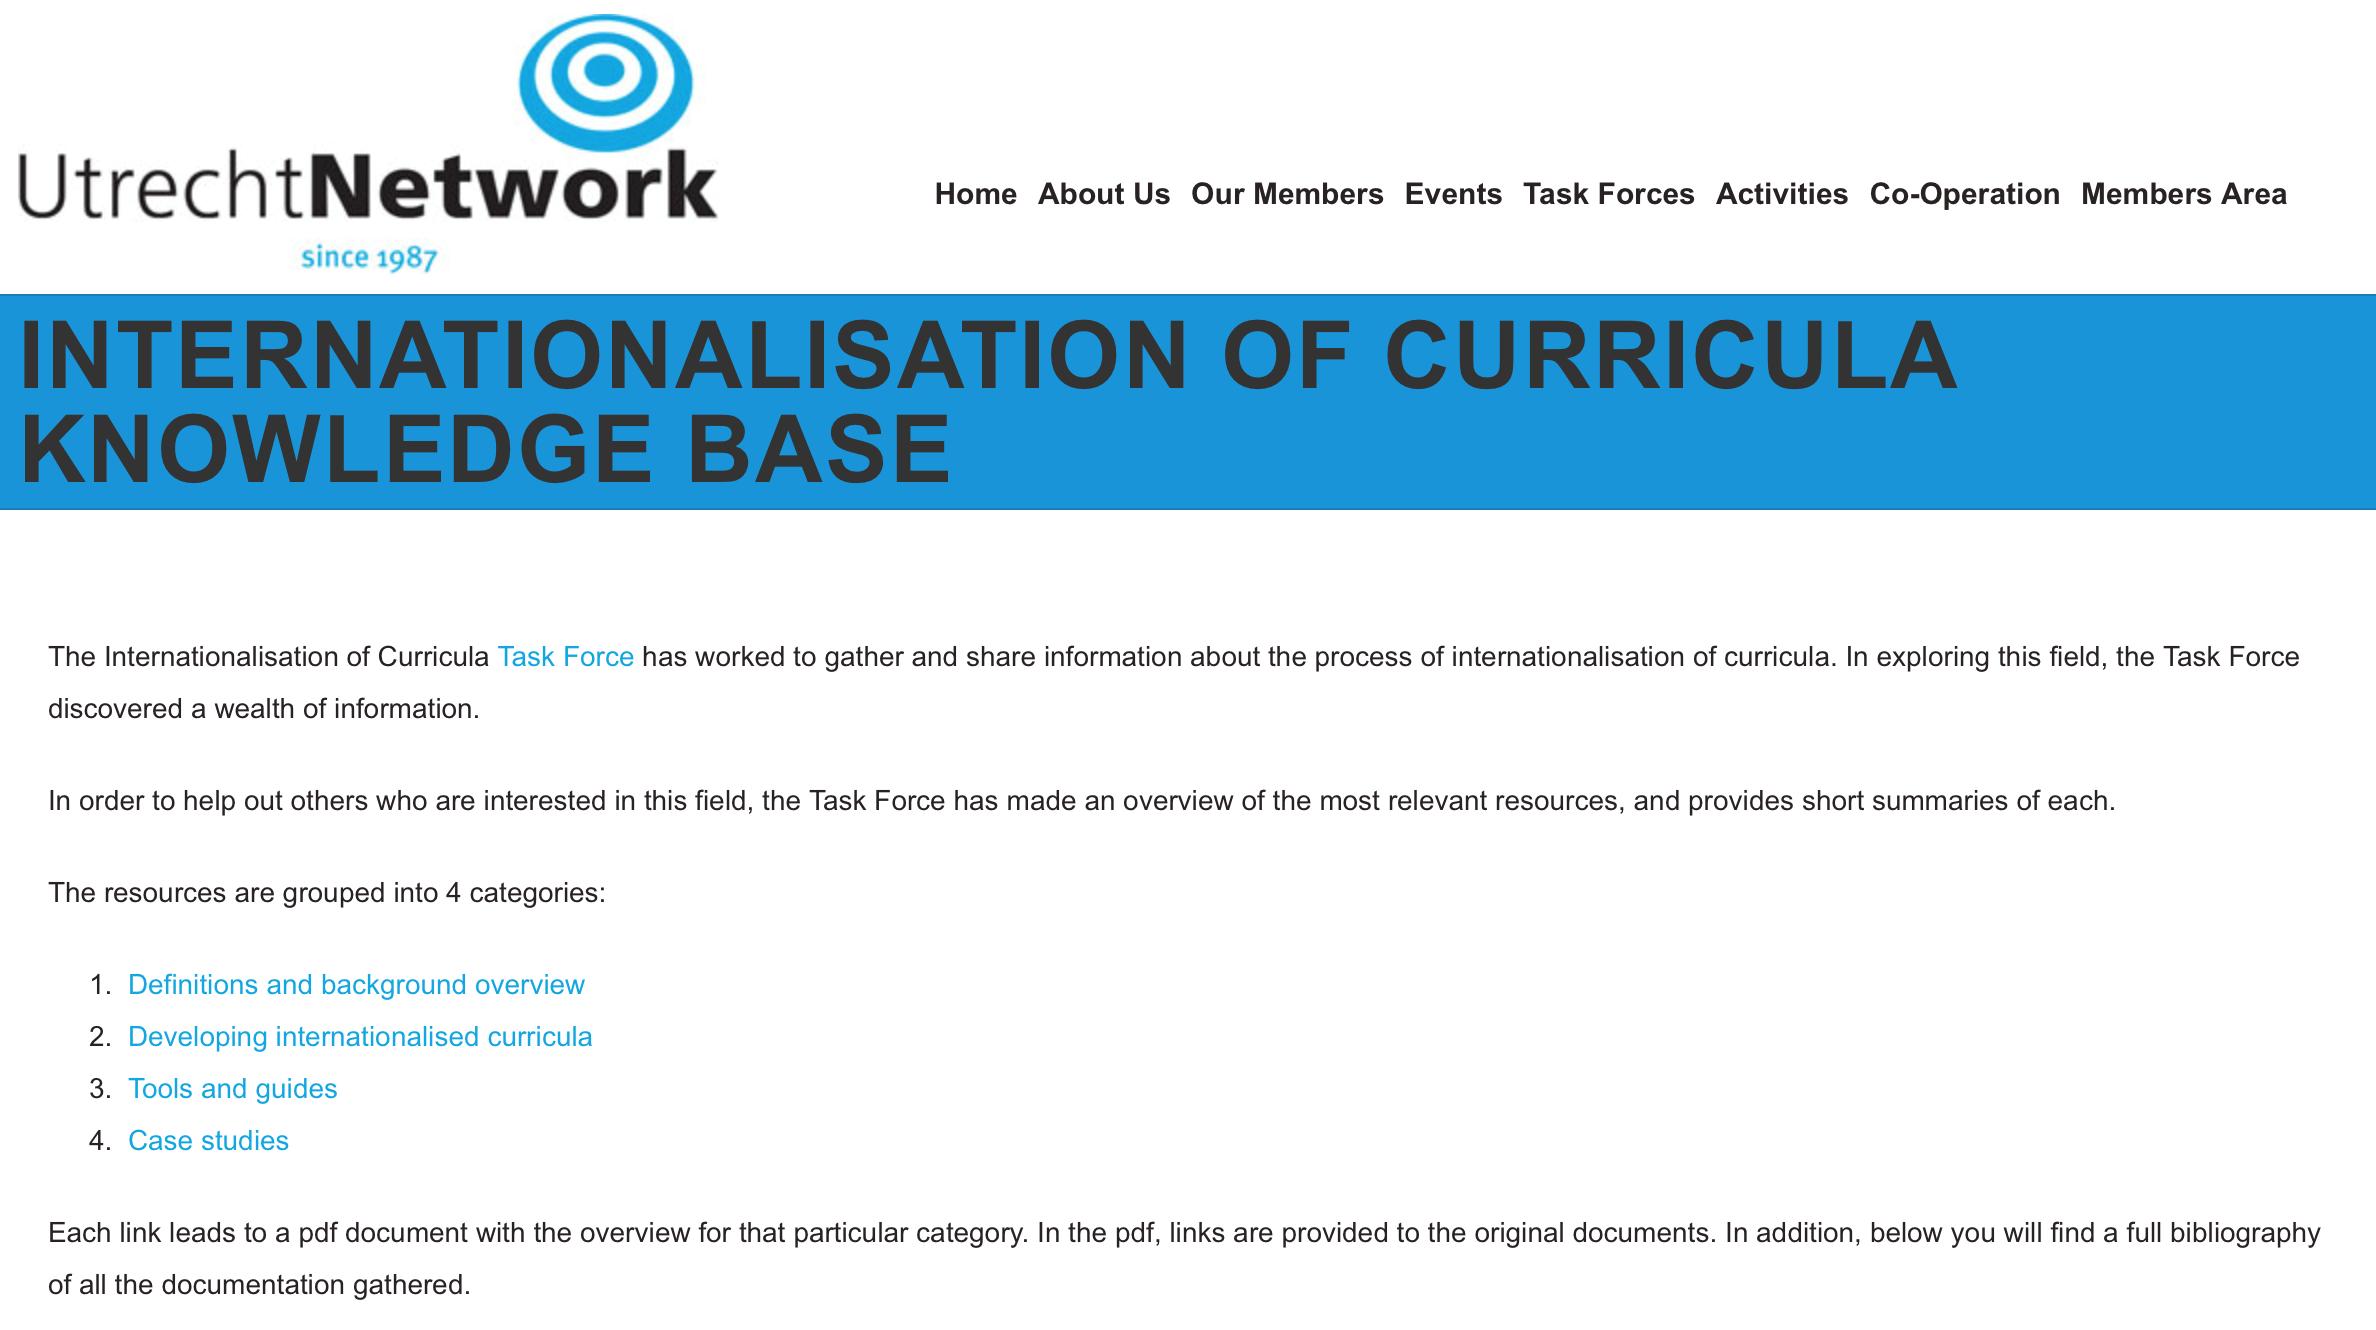 Internationalisation of currucula: Knowledge base